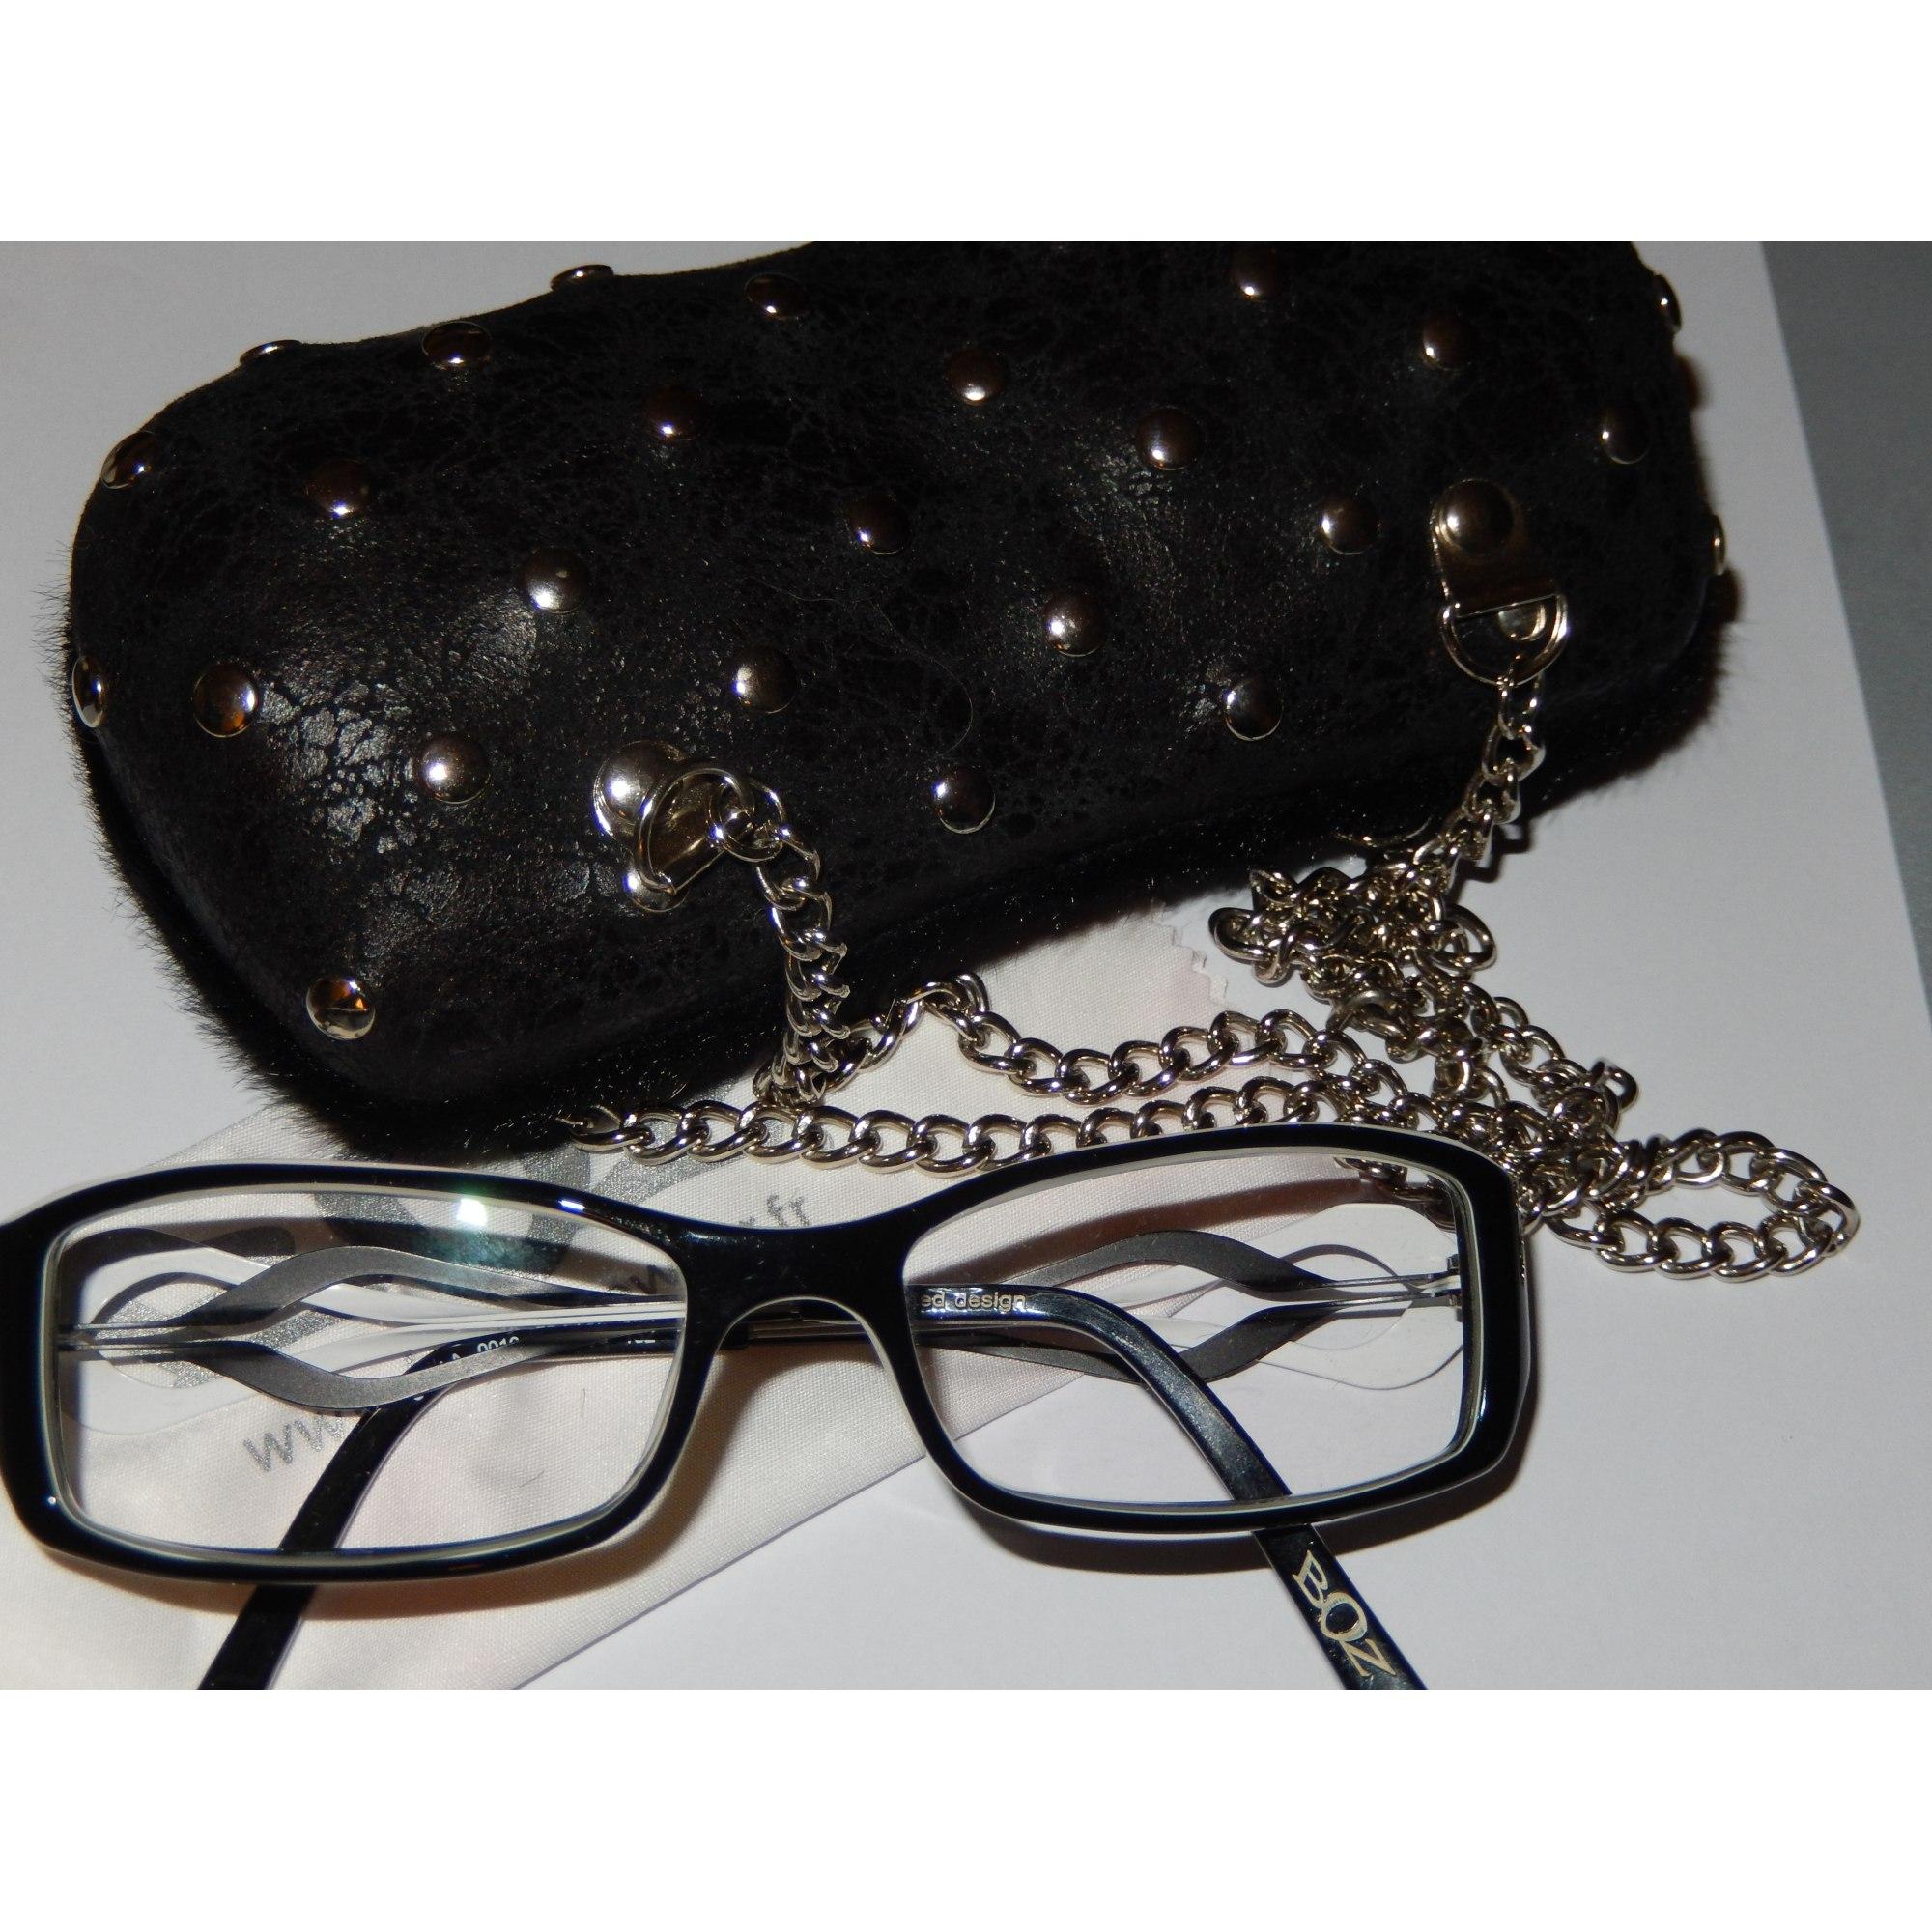 Monture de lunettes BOZ EYEWEAR noir vendu par Marie9210 - 3379520 4bdb25a09467